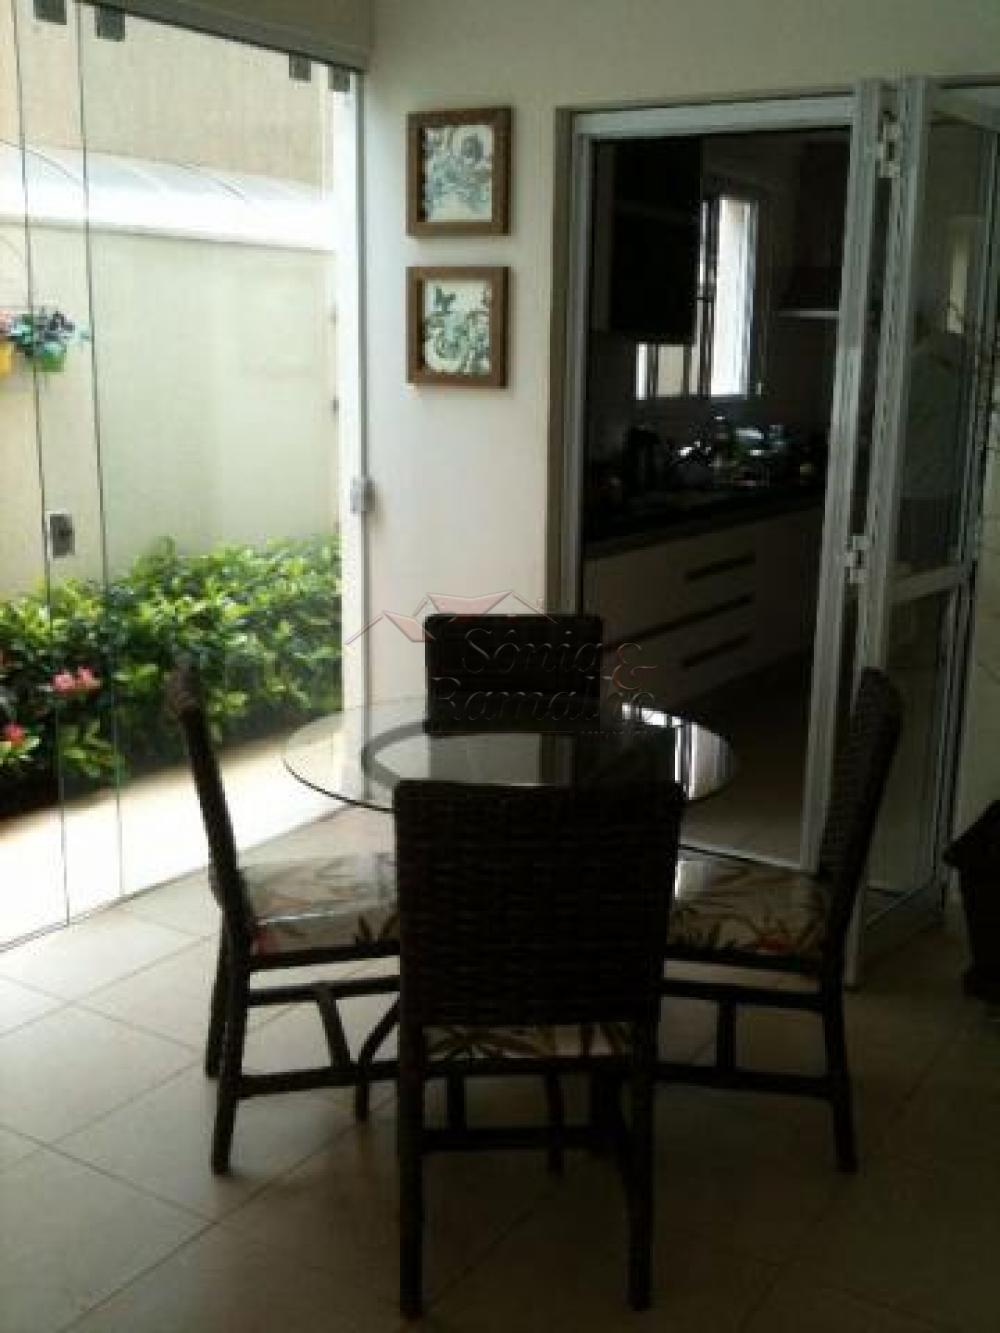 Comprar Casas / Condomínio em Ribeirão Preto apenas R$ 950.000,00 - Foto 6